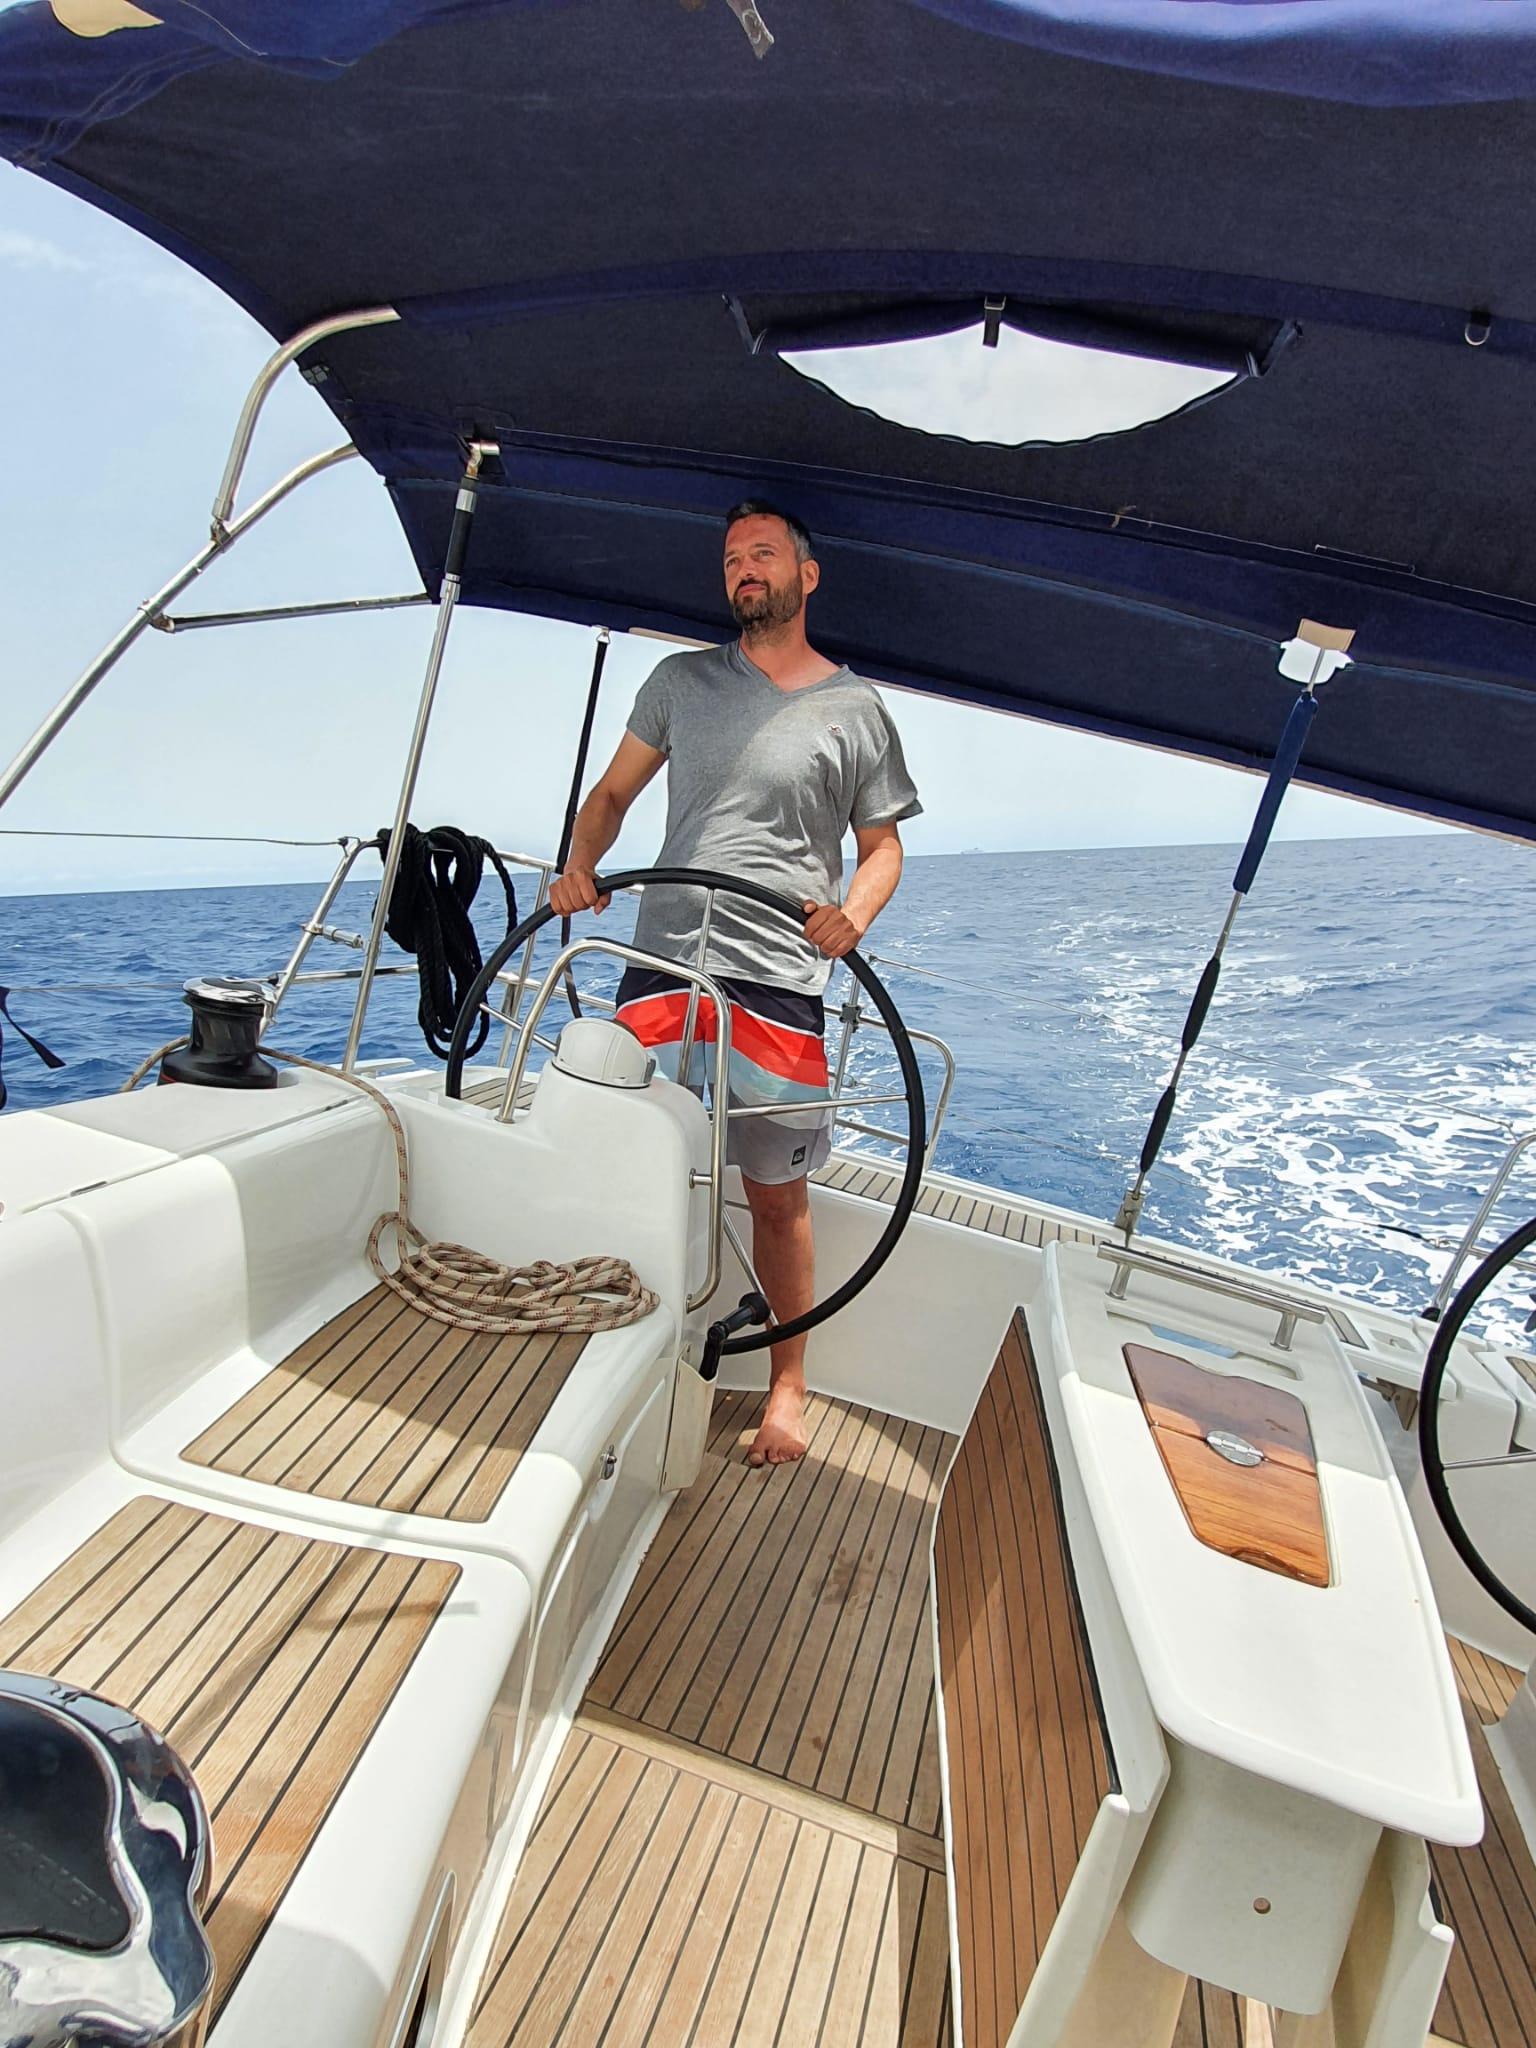 Am-Wind-Segeln auf dem Segel Meilentörn auf Sardinien